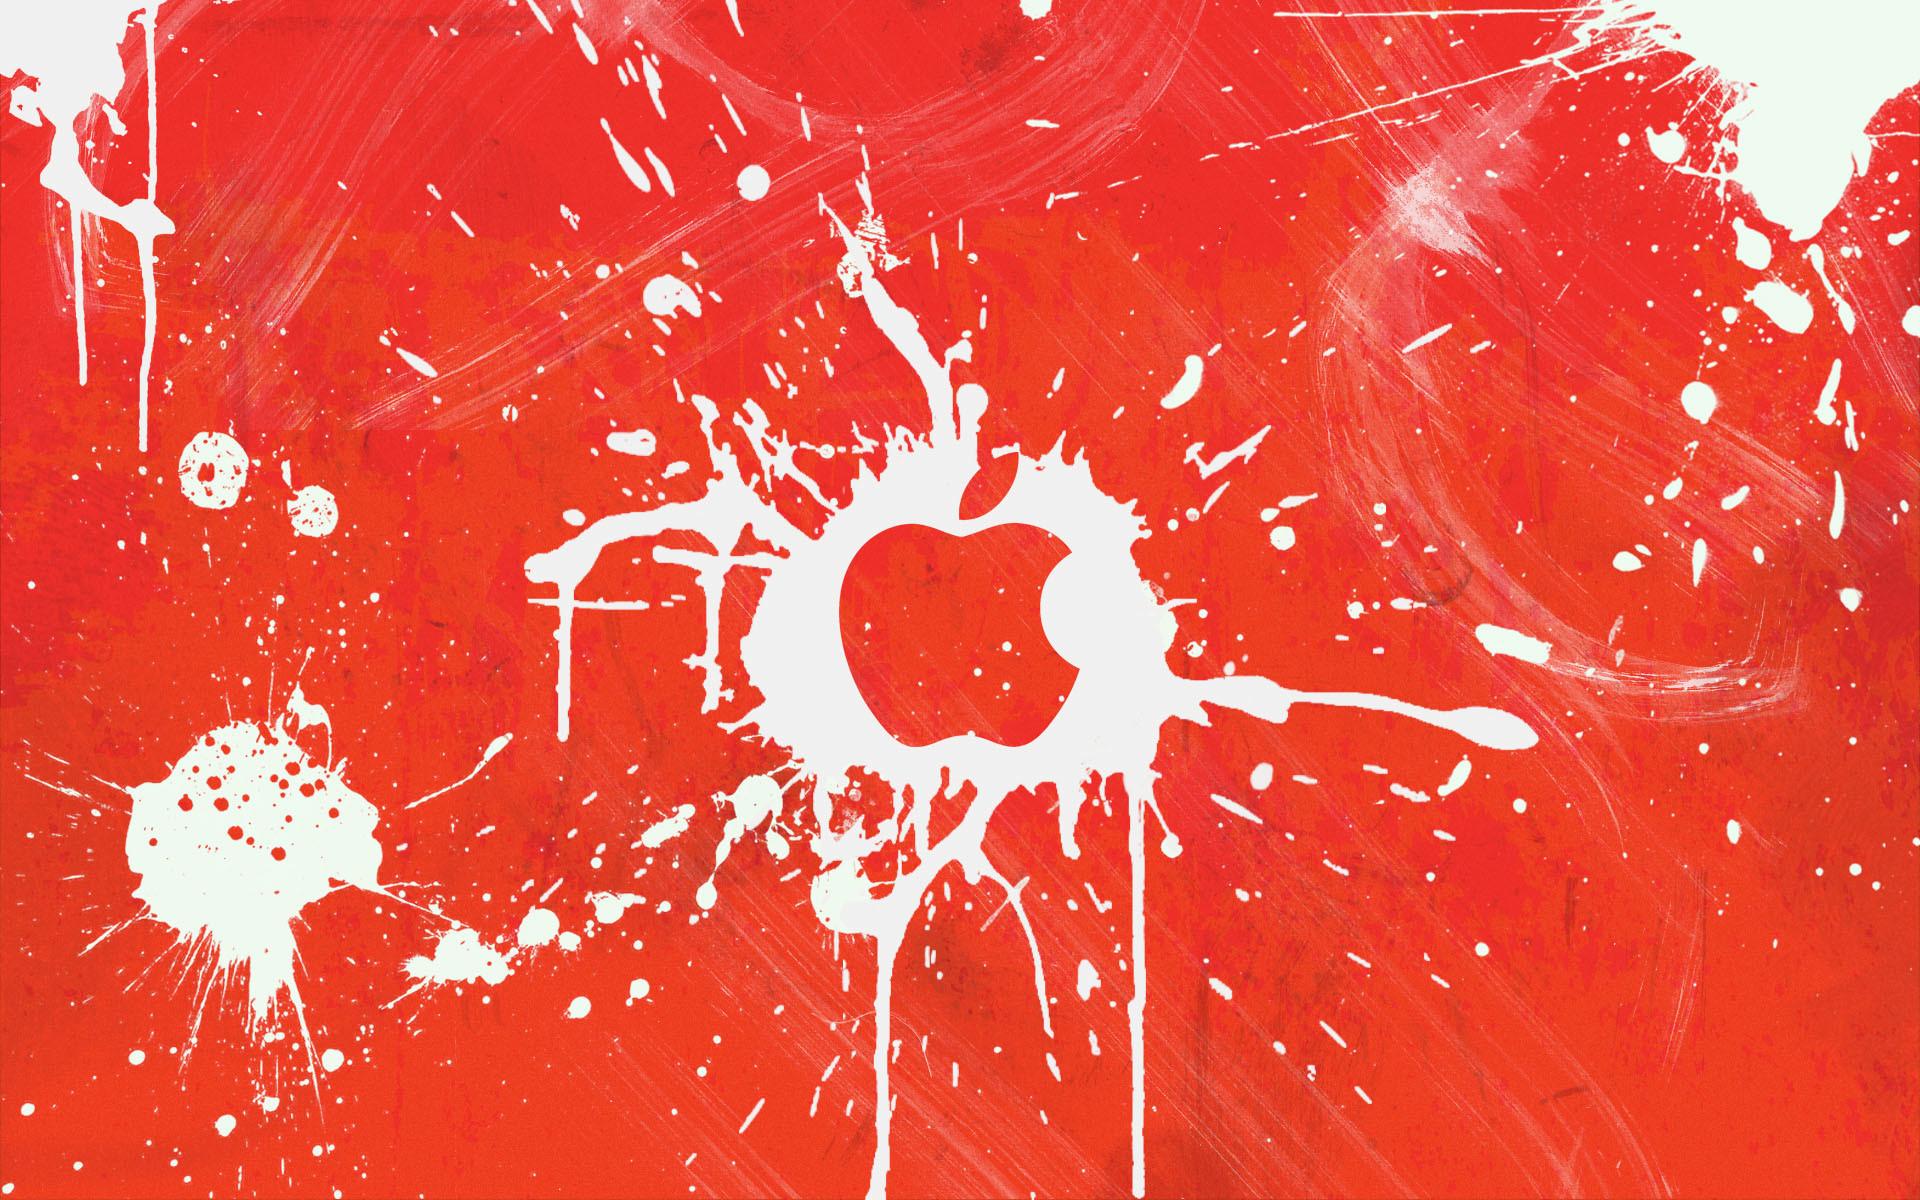 Wallpaper For Macbook Air 85 Images